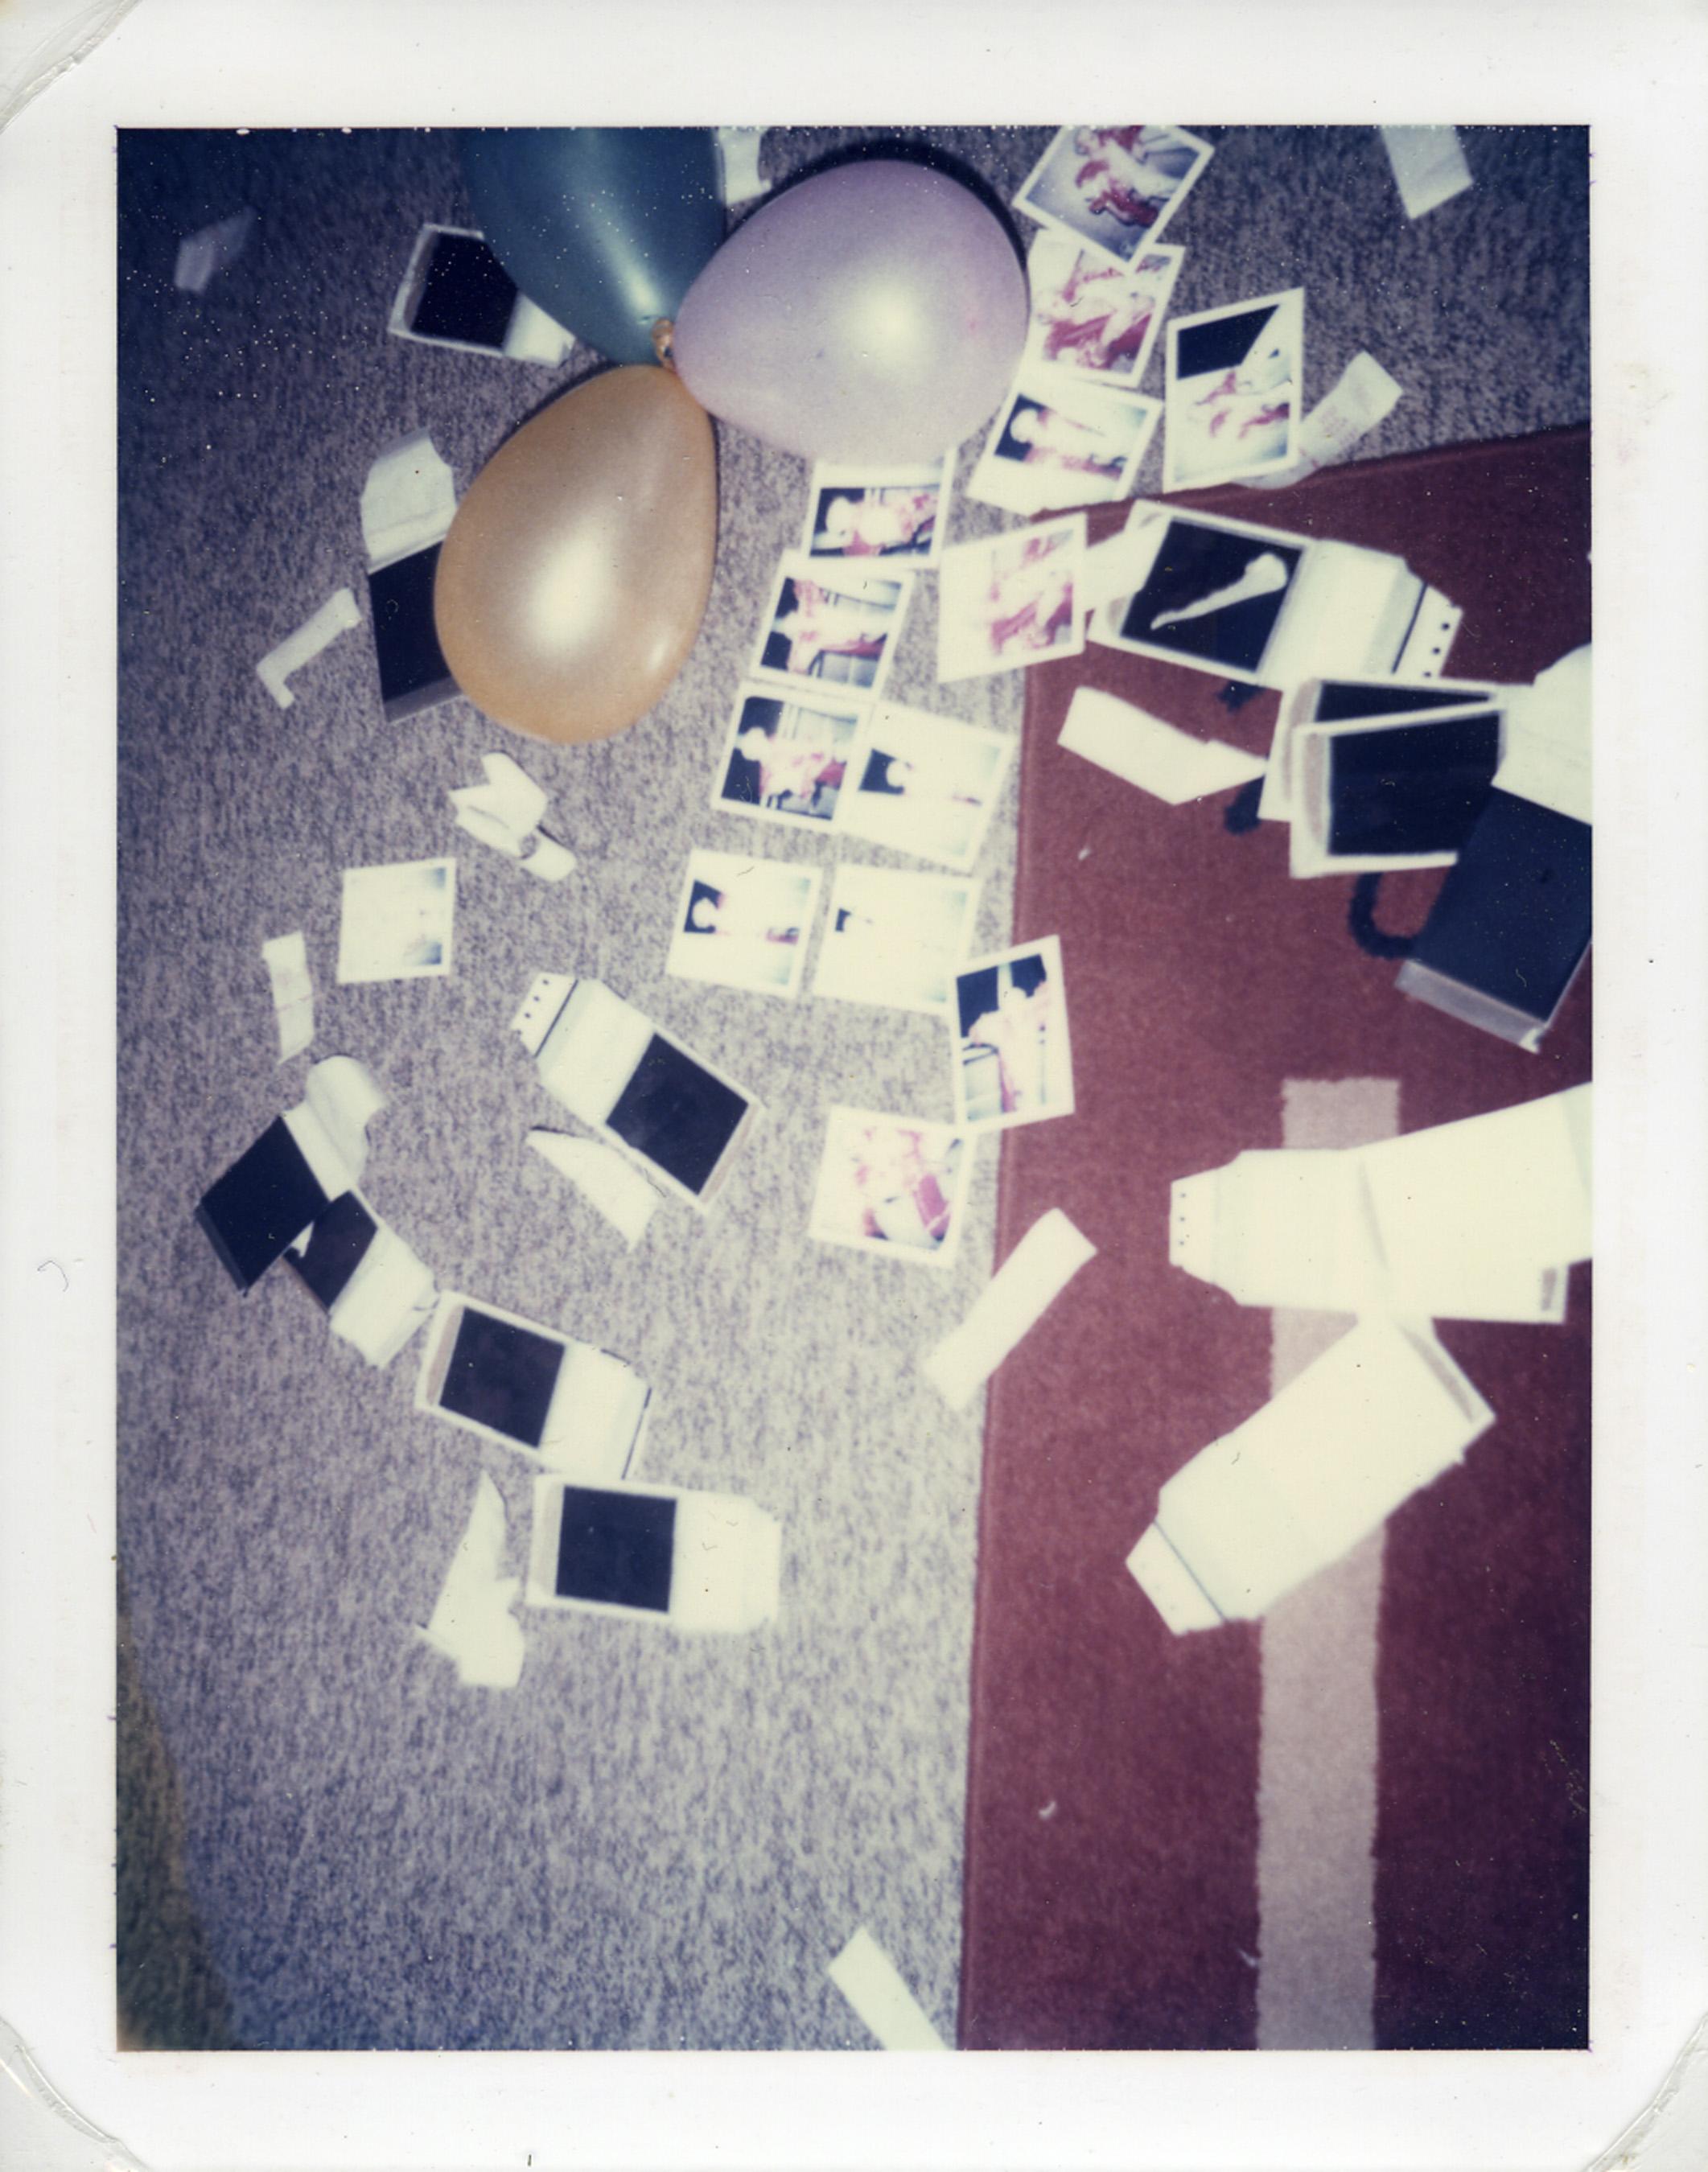 Balloons & Polaroids, 2003